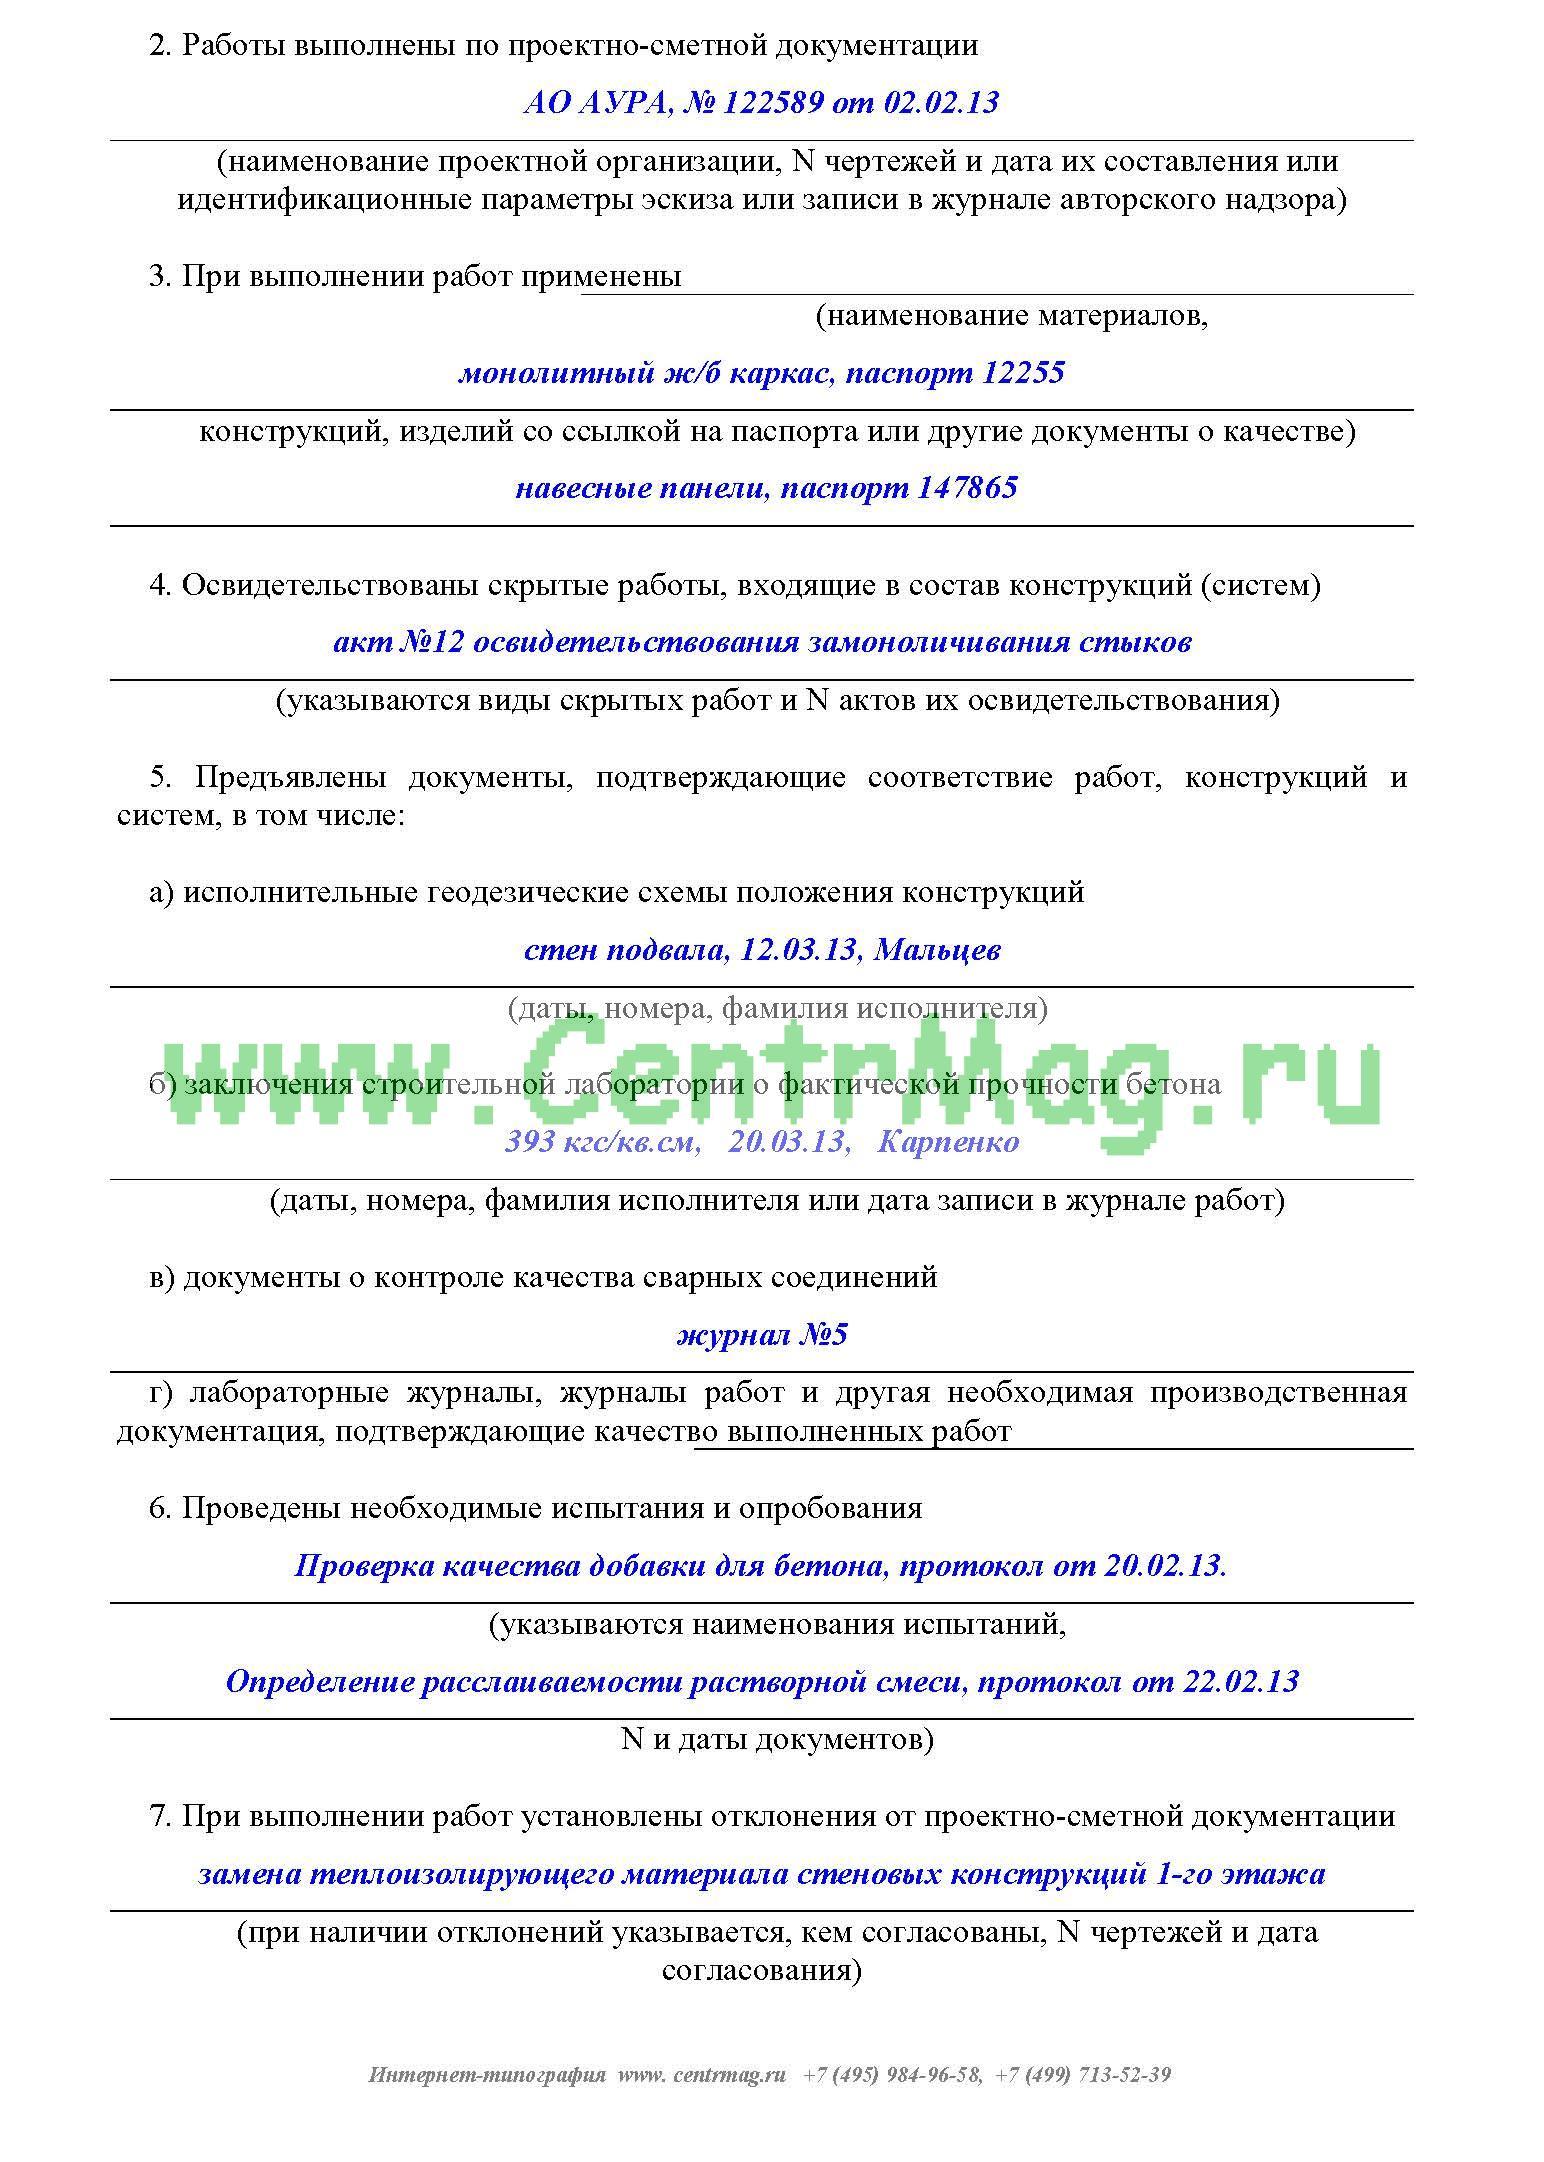 Журнал бетонных работ по СП 70133302012 Скачать бланк